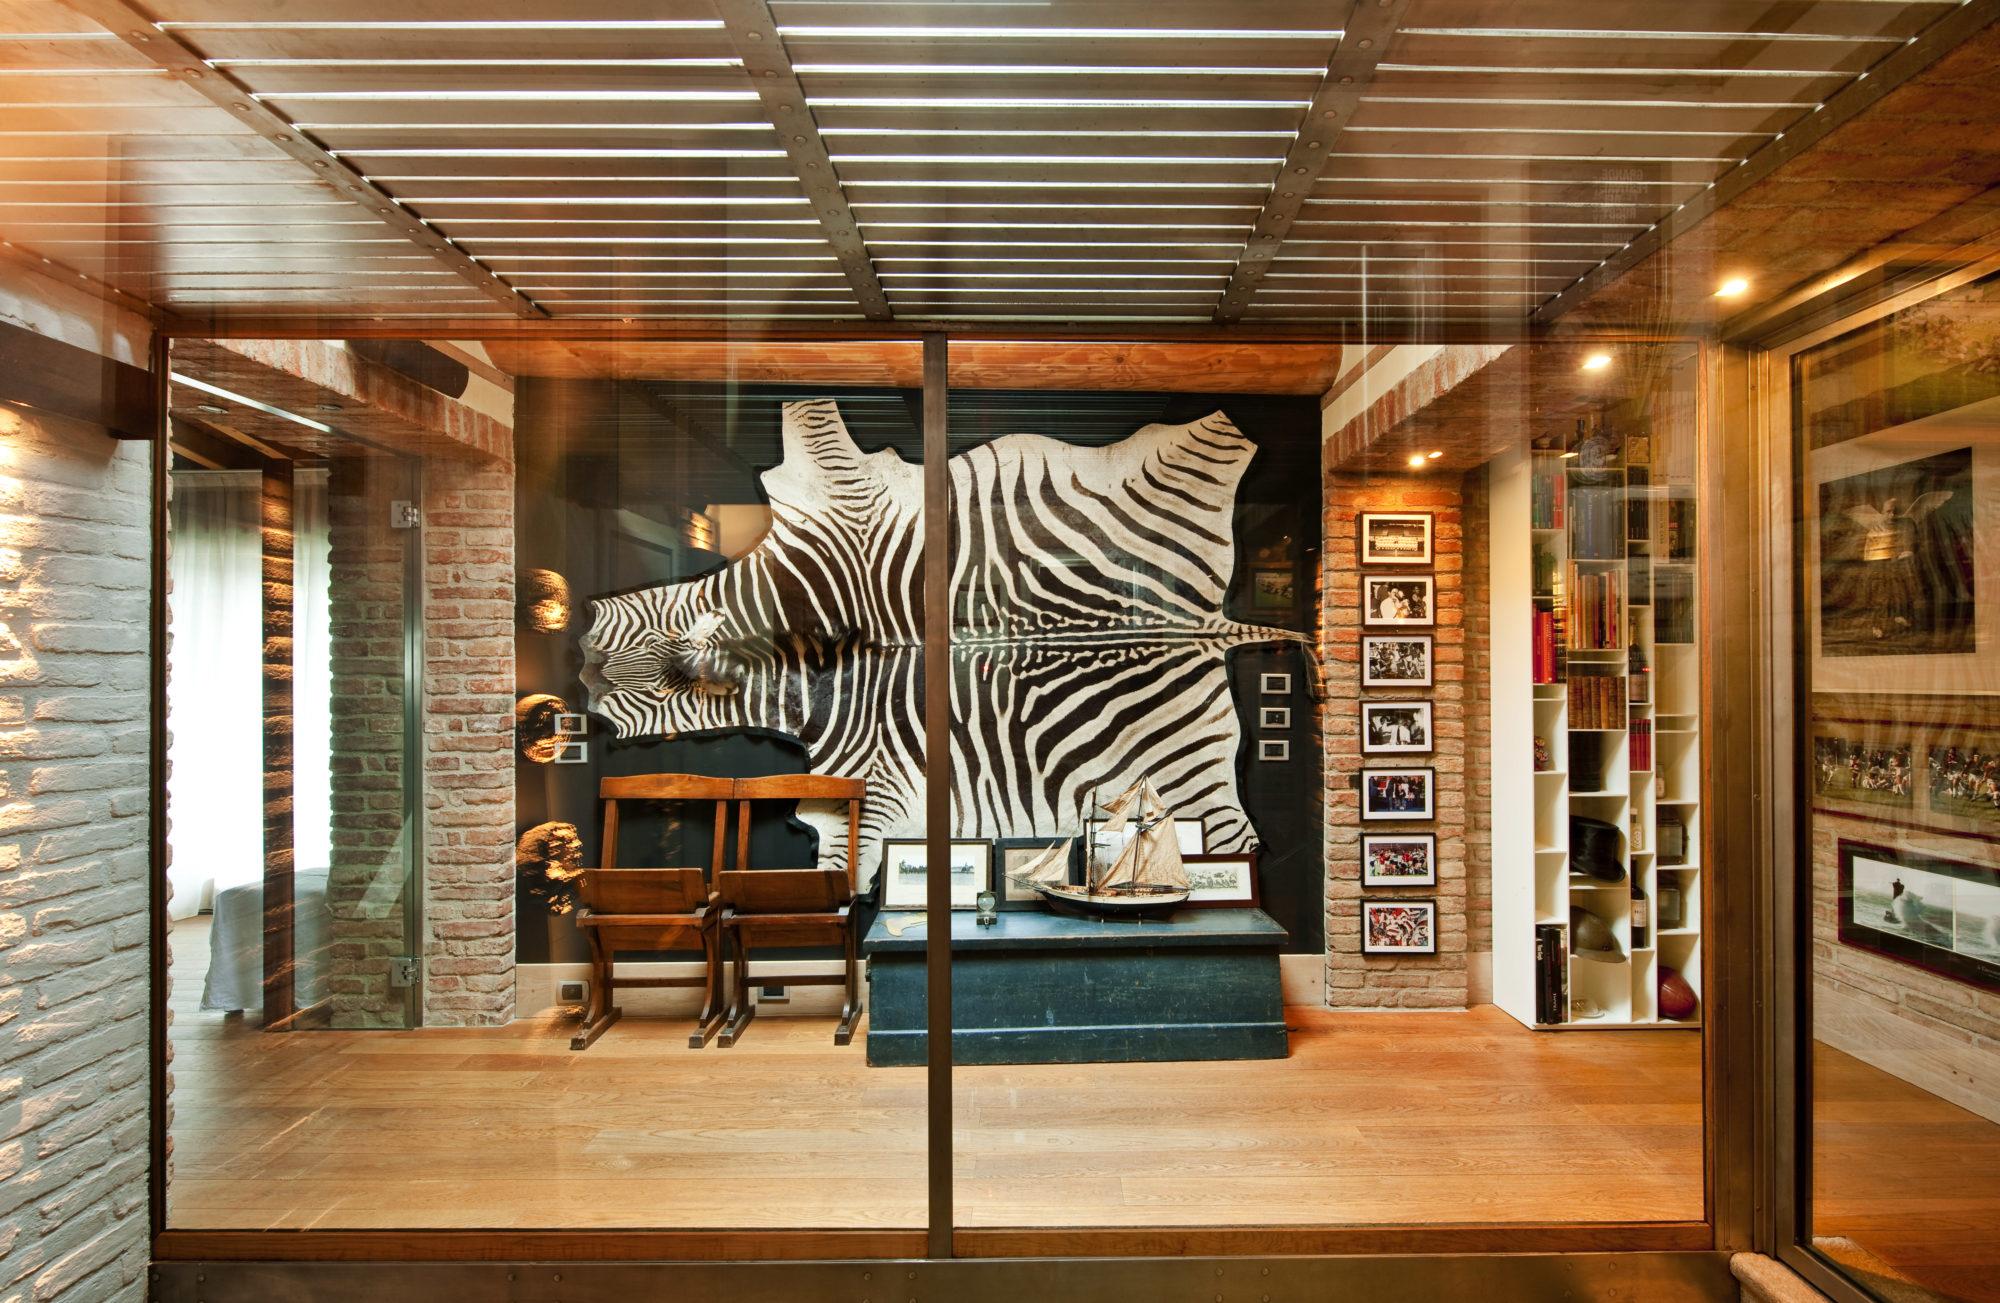 Casa di campagna interno fotografo brescia ottavio tomasini for Case pitturate interni foto